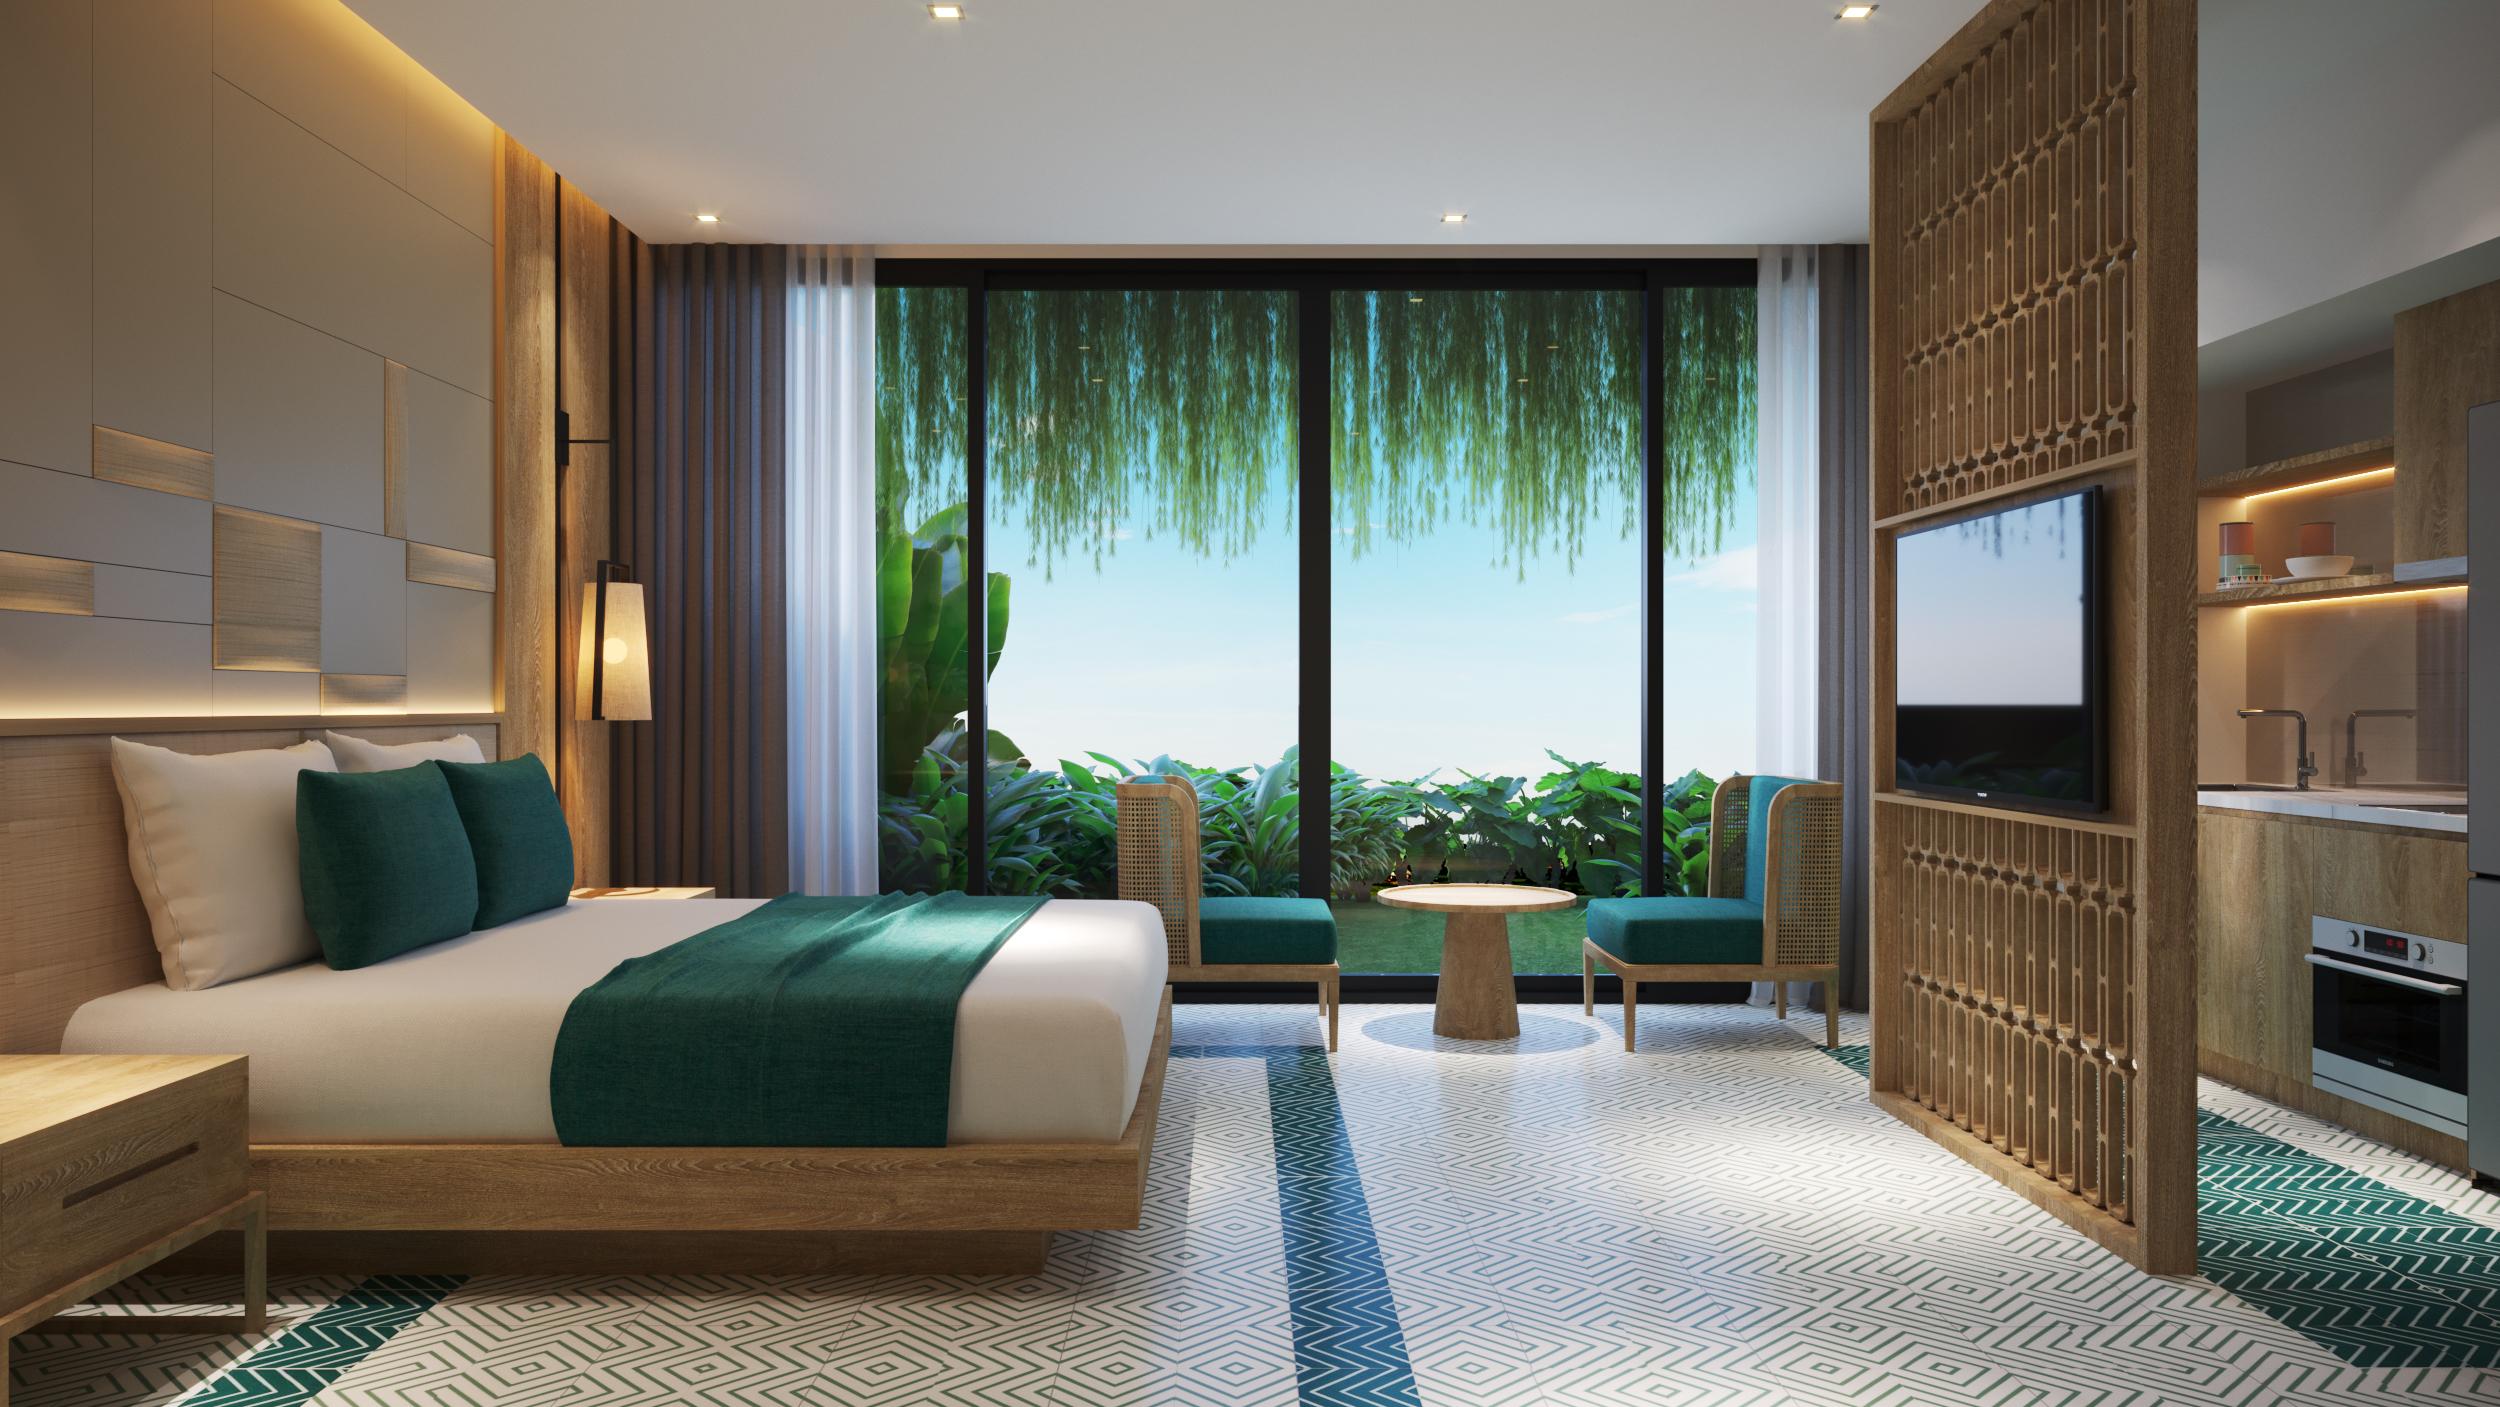 Thiết kế nội thất Khách Sạn tại Đà Nẵng CASAMIA AP2 HOI AN 1587708631 0